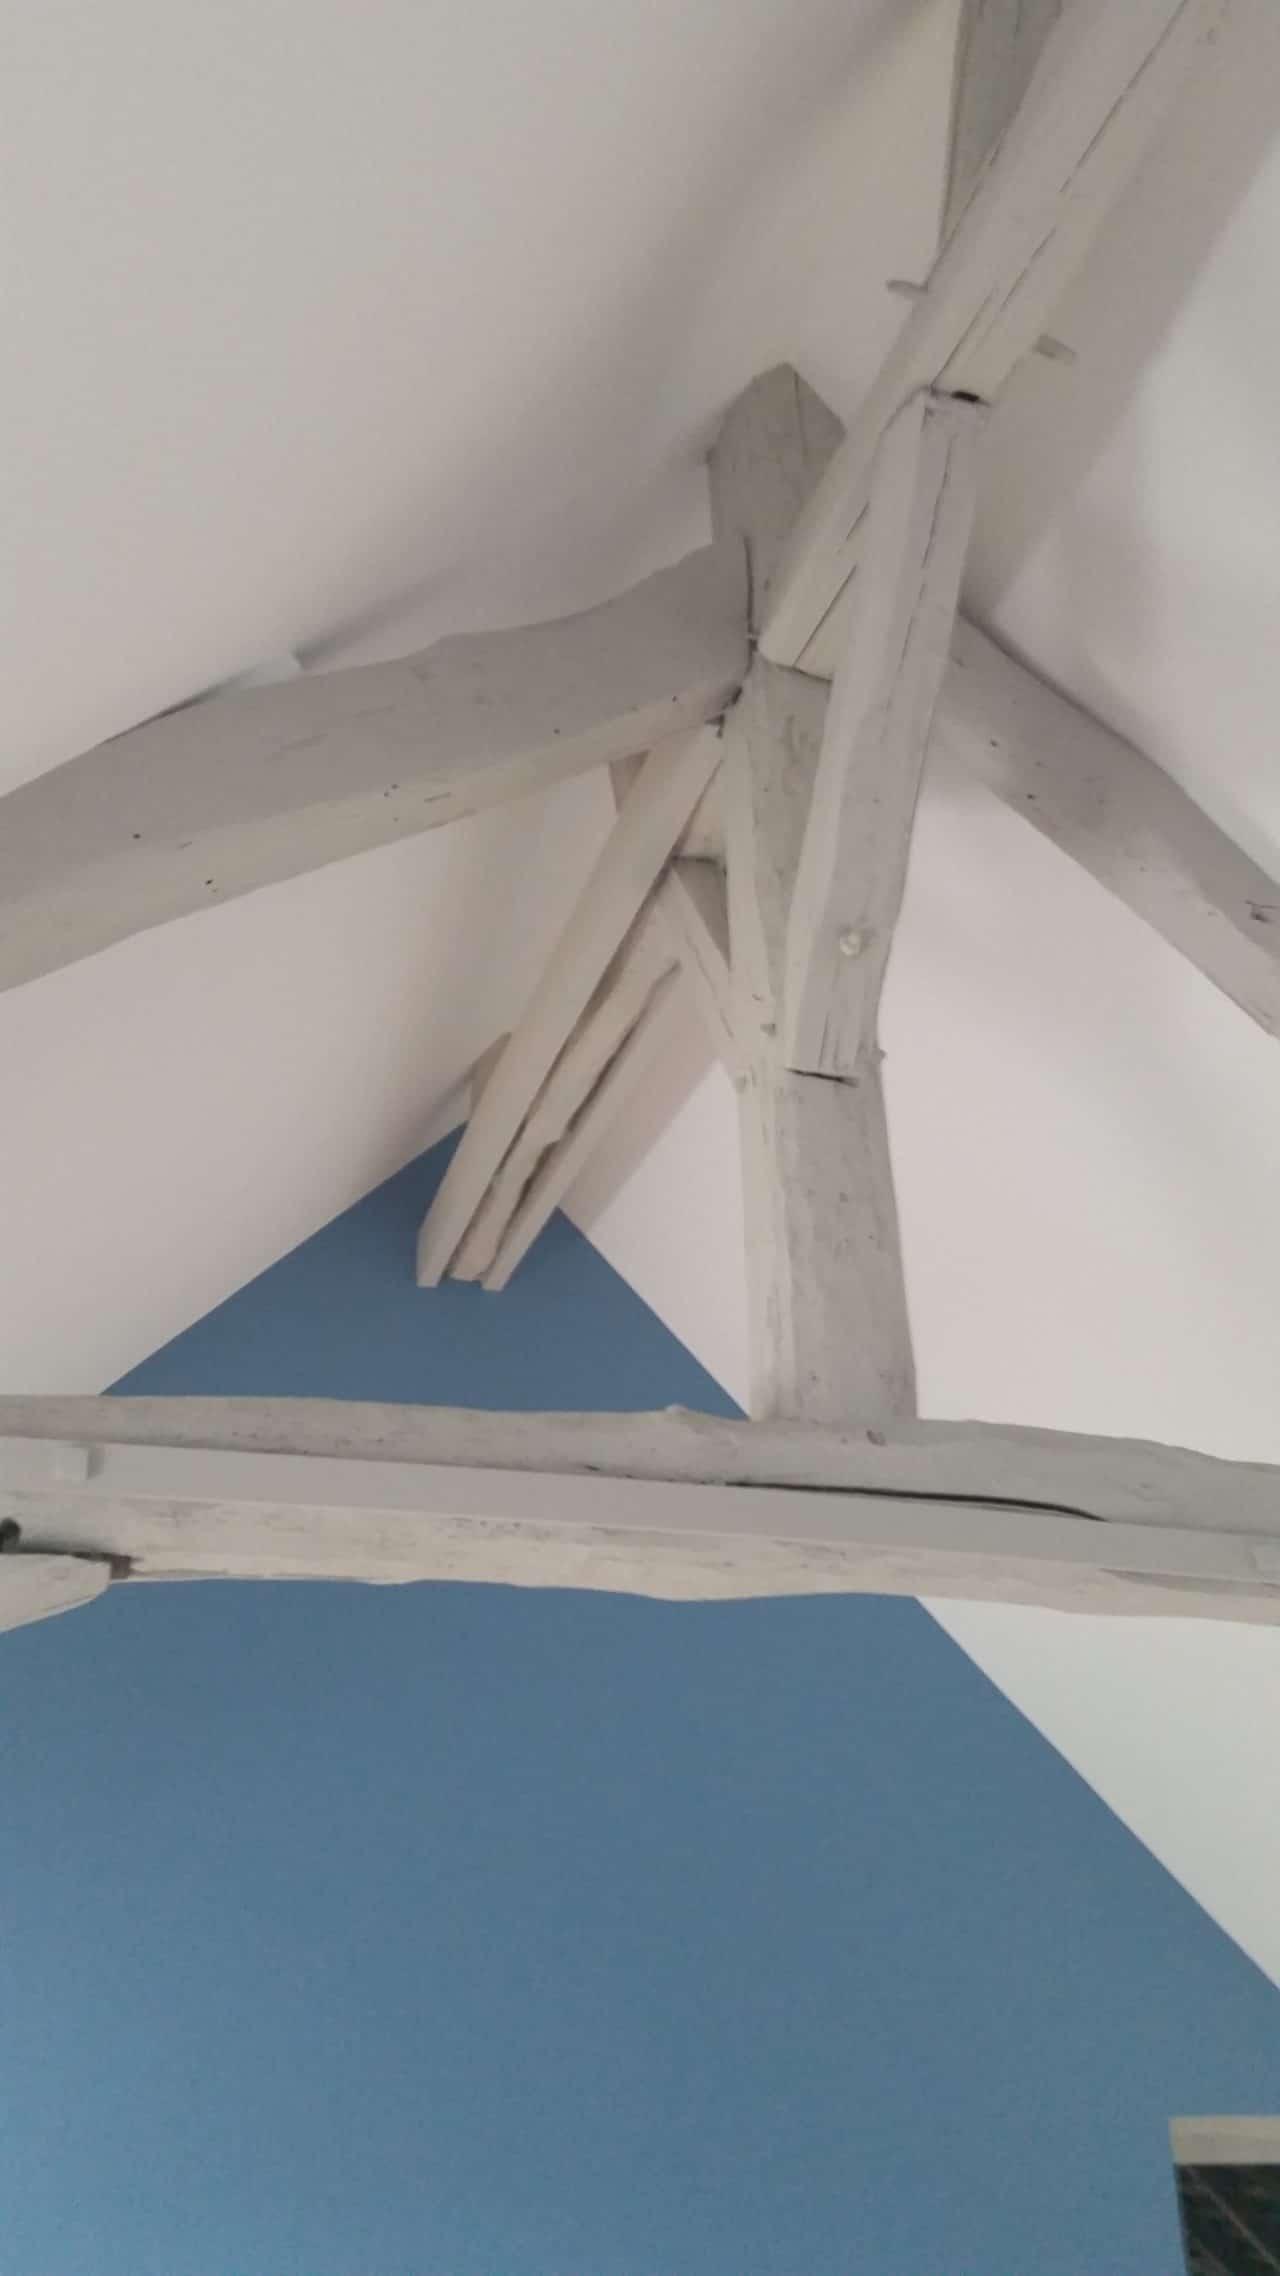 Détail plafond rampant avec isolant thermique sous rampant